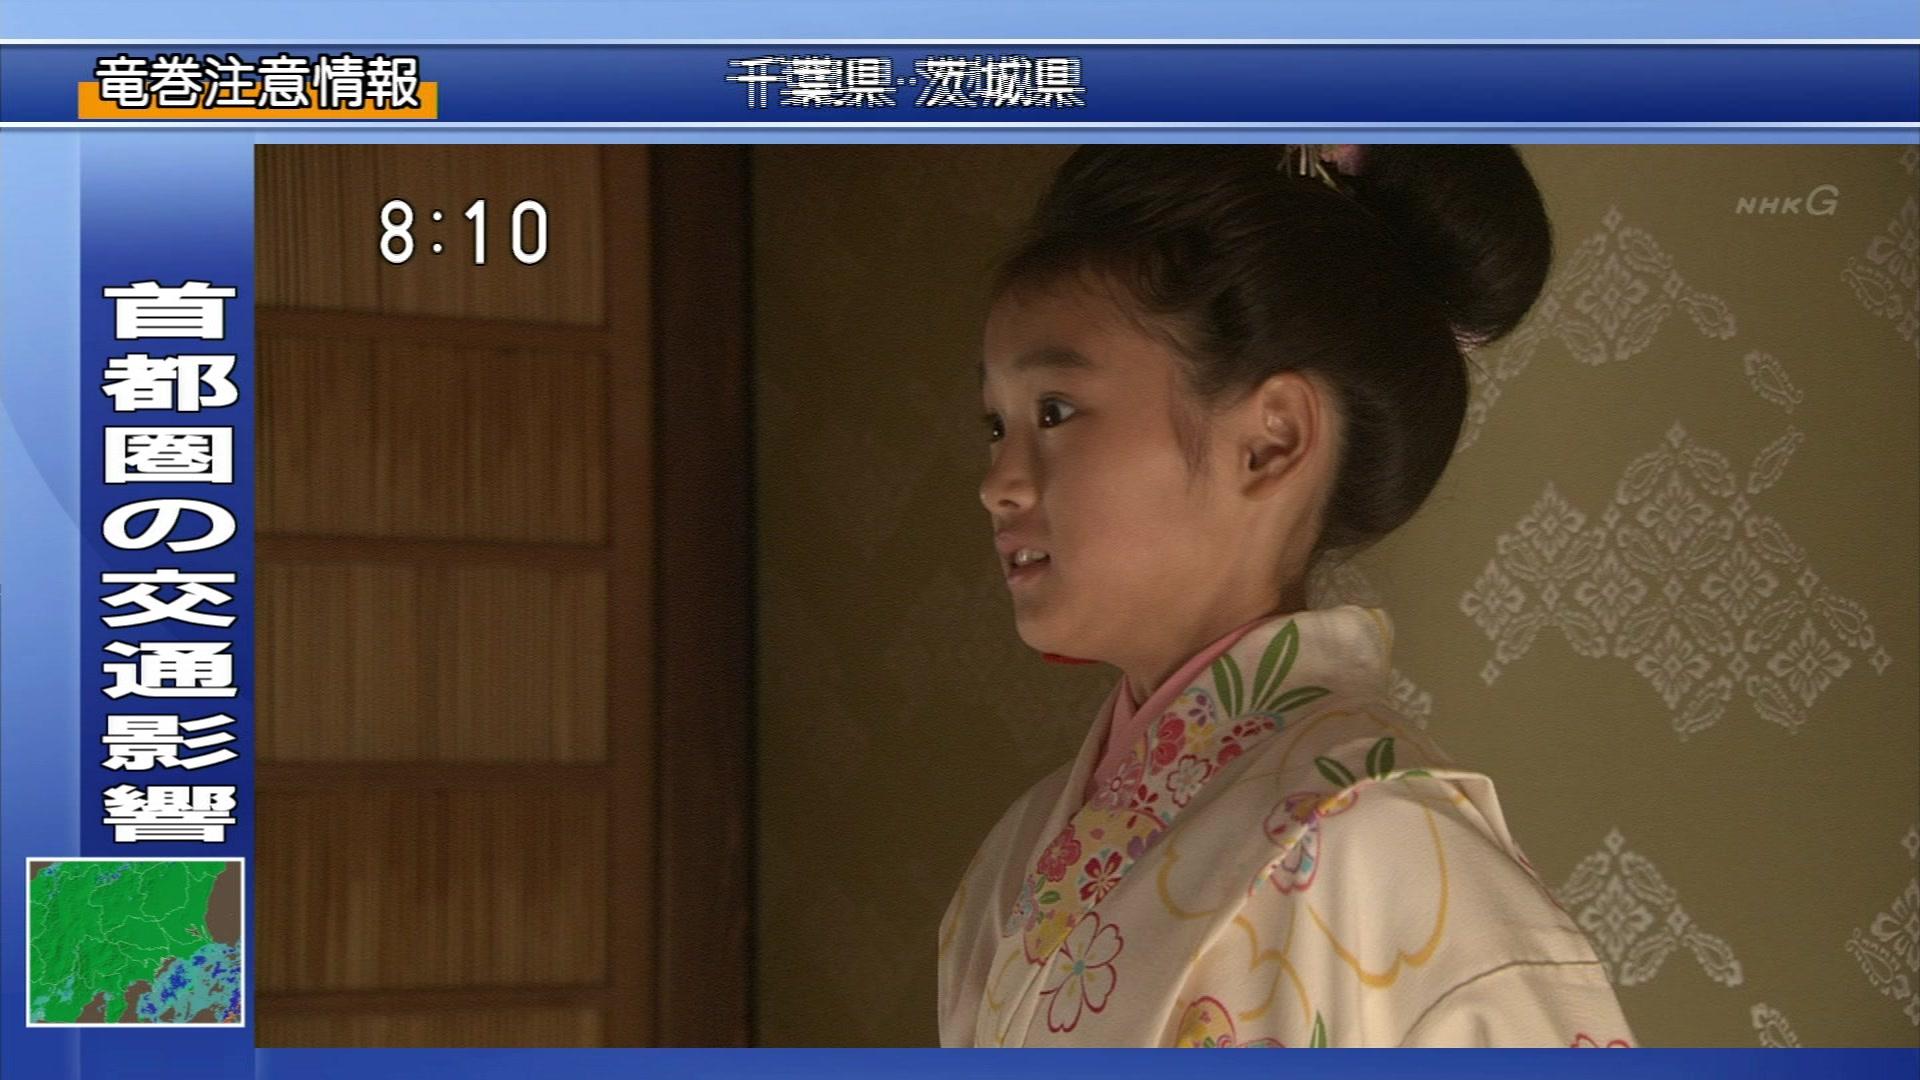 2015-10-02 08:00 連続テレビ小説 あさが来た(5)「小さな許嫁(いいなずけ)」 1862